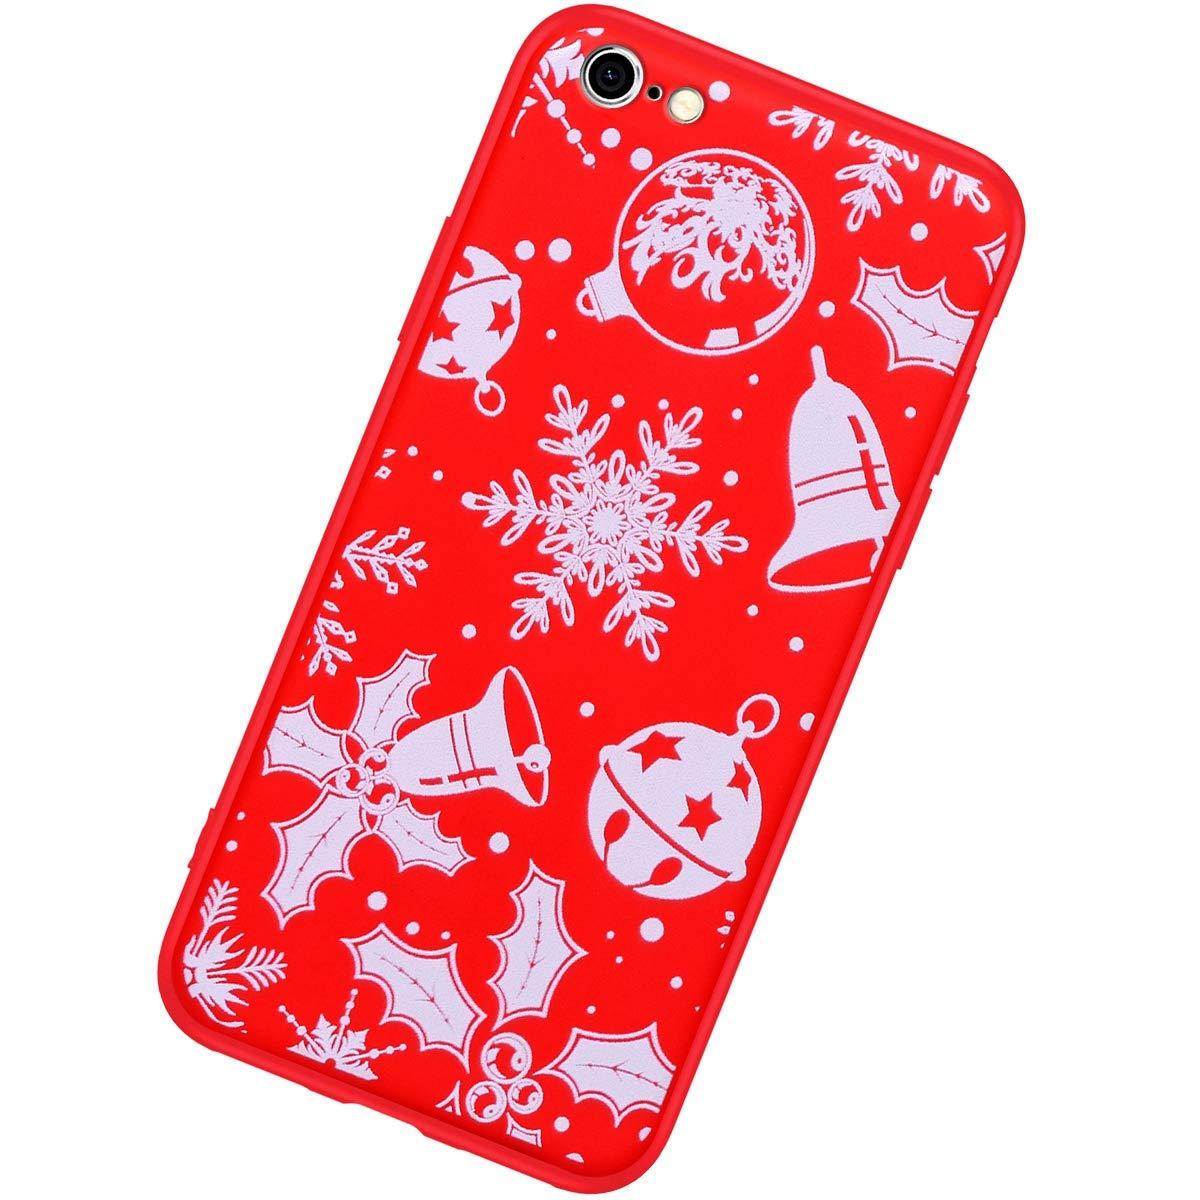 Robinsoni Cover Compatibile con iPhone 6S Cover Silicone Natale Rosso Nuovo Anno Cover Babbo Natale Flessibile Caso Natale Cover Ultra Morbido Sottile Cartoni 360 Gradi Bumper di Gomma